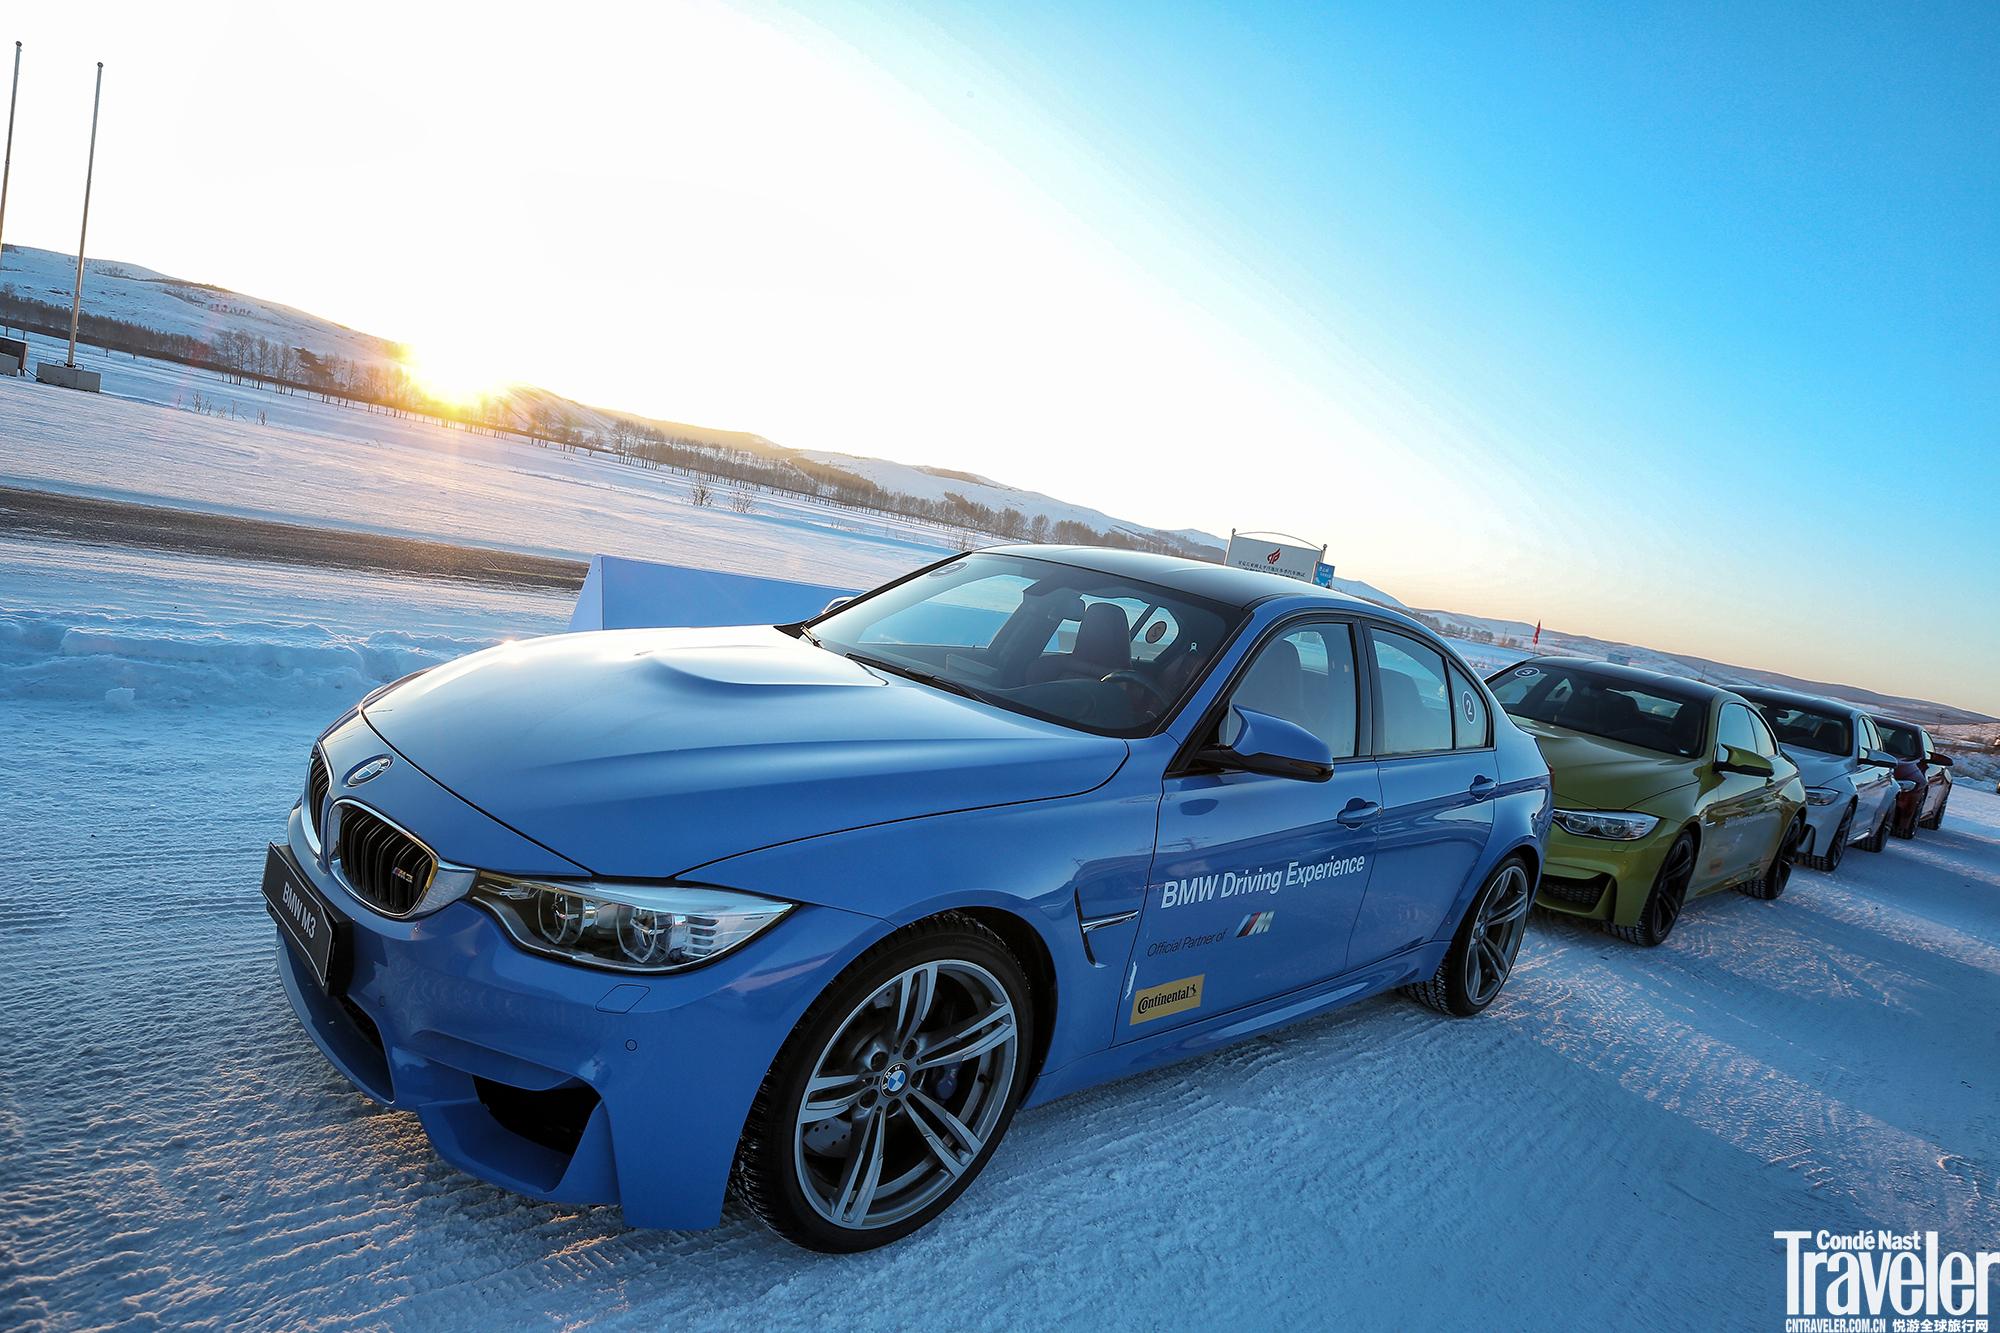 BMW冰雪驾驶培训全面启动,挑战严寒之境